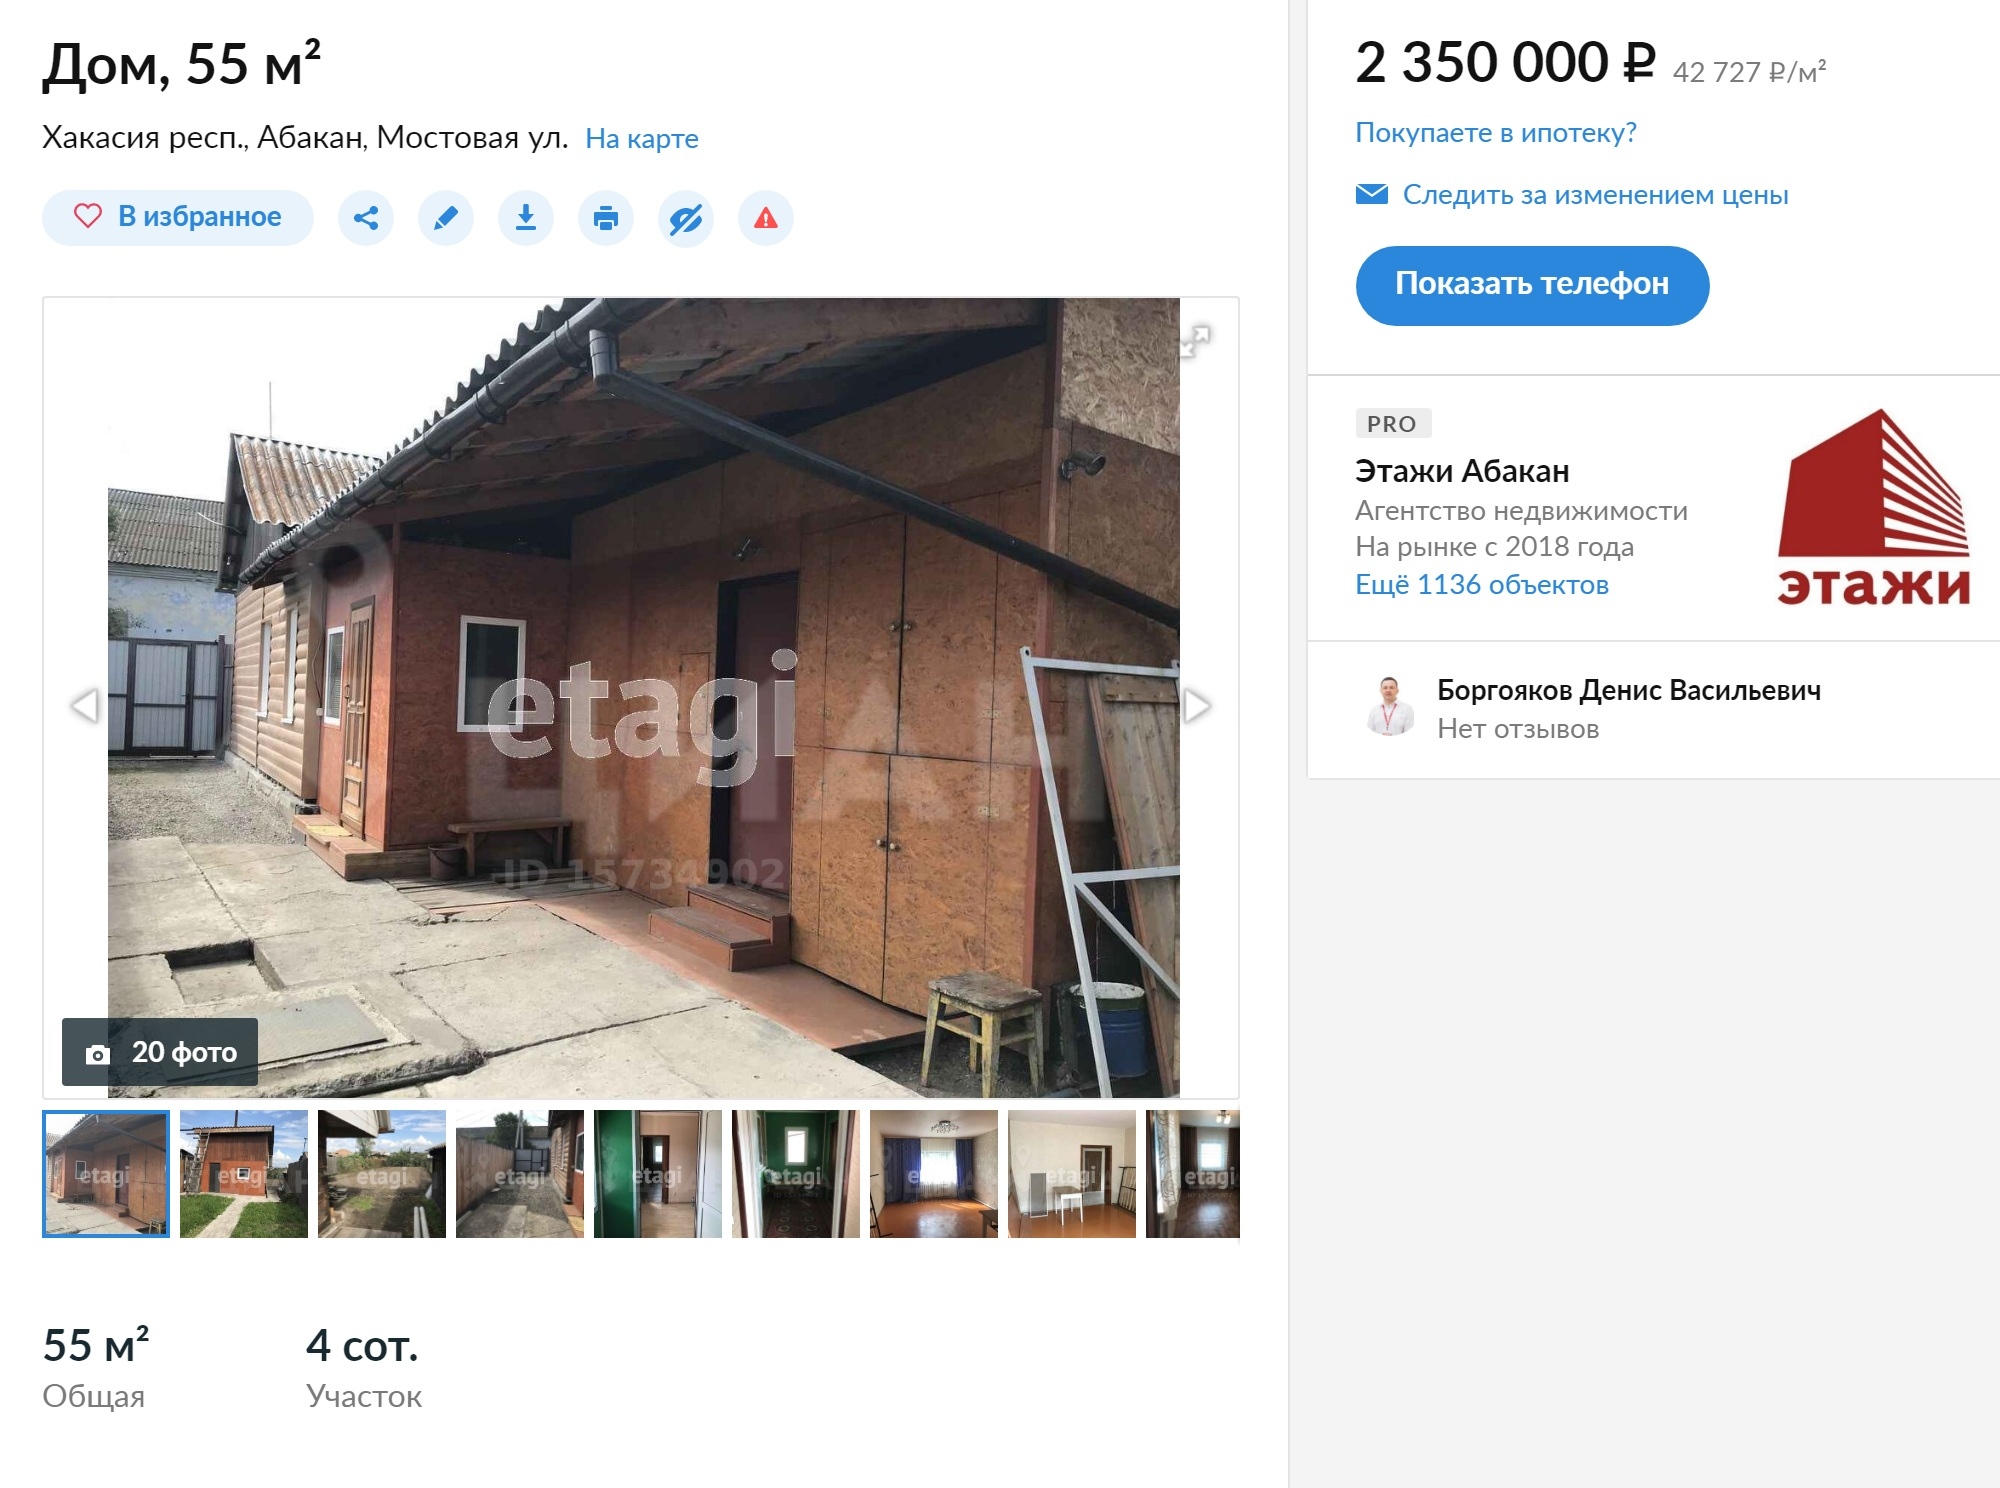 Купить небольшой дом на «Полярке» можно по цене однокомнатной квартиры в хорошем районе. Источник: «Циан»